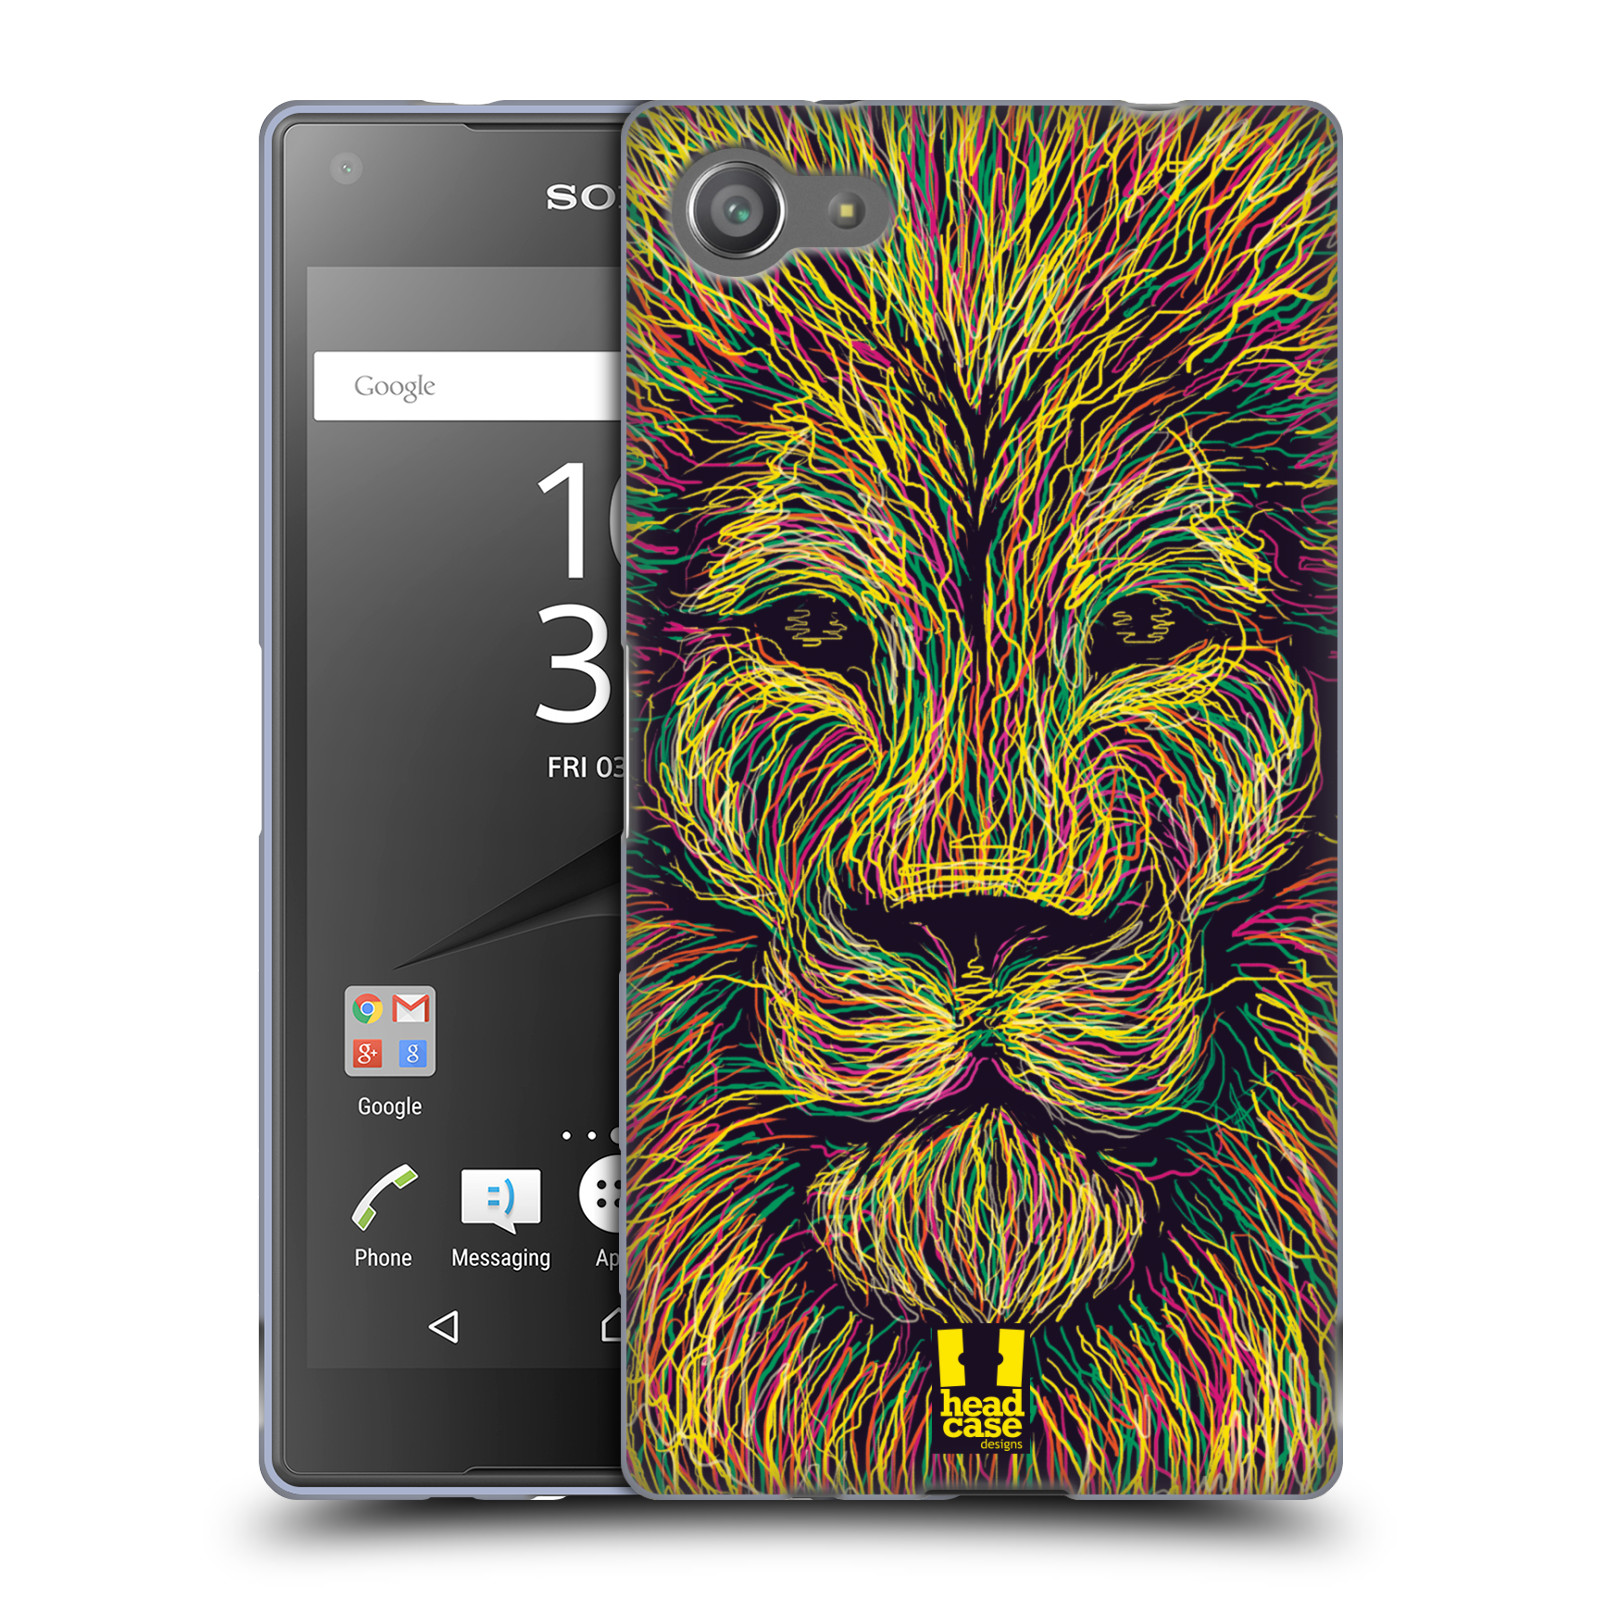 HEAD CASE silikonový obal na mobil Sony Xperia Z5 COMPACT vzor zvíře čmáranice lev